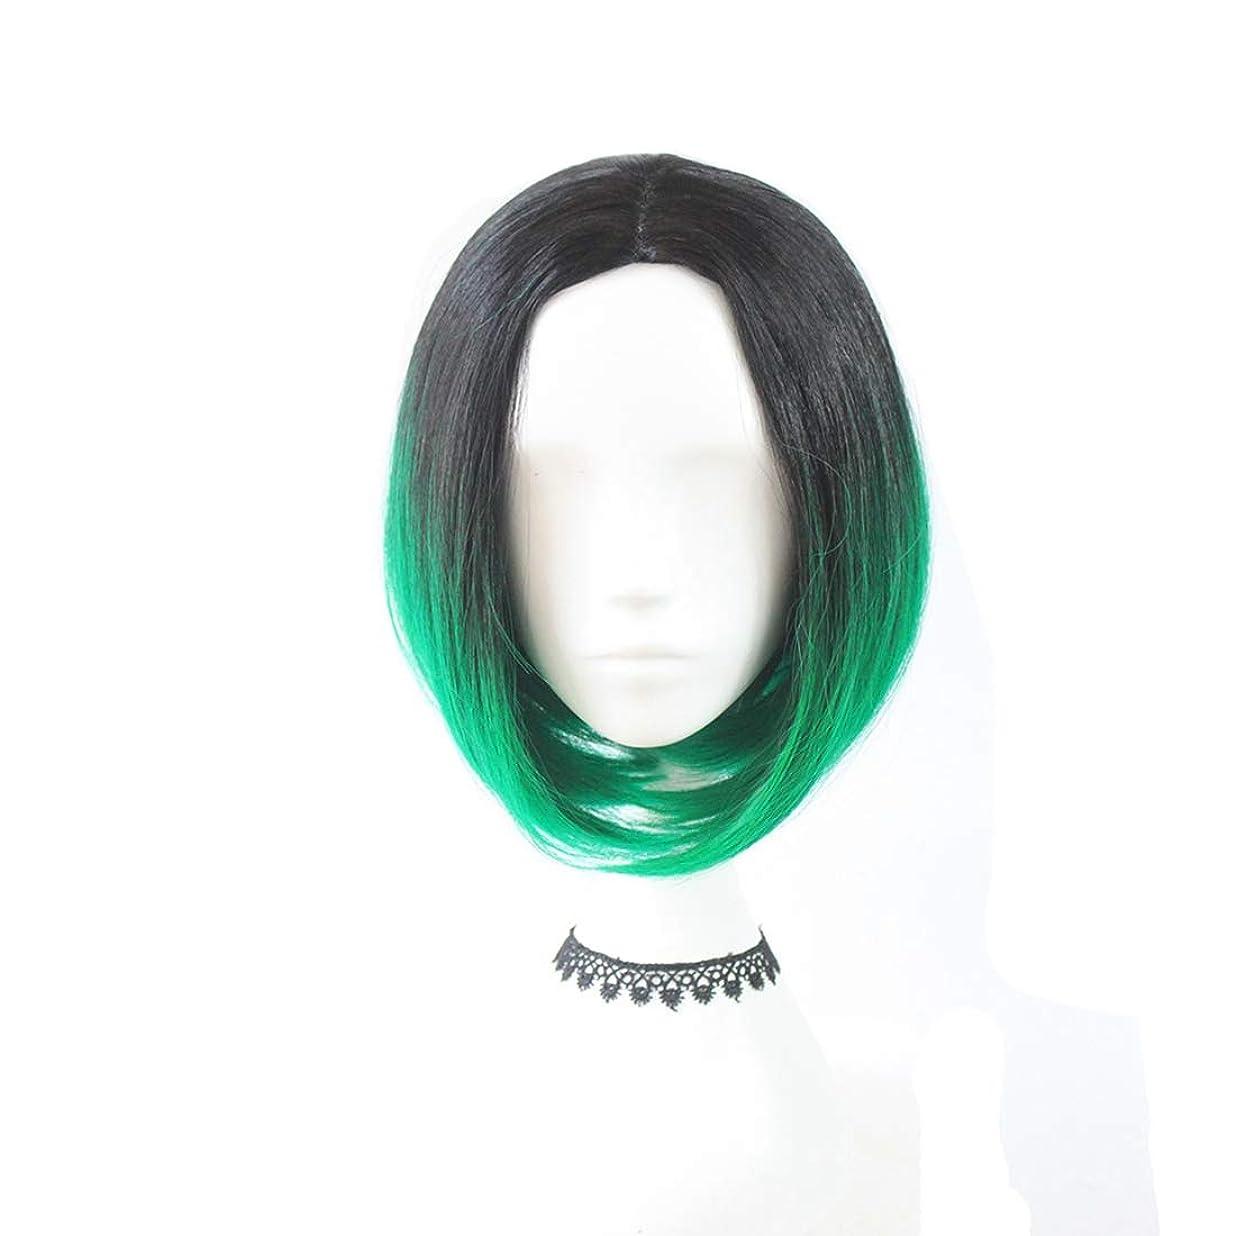 性交血統閲覧するJIANFU グラデーションカラーウィッグCOSファッションアニメウィッグBOBショートストレートヘア (Color : オレンジ)